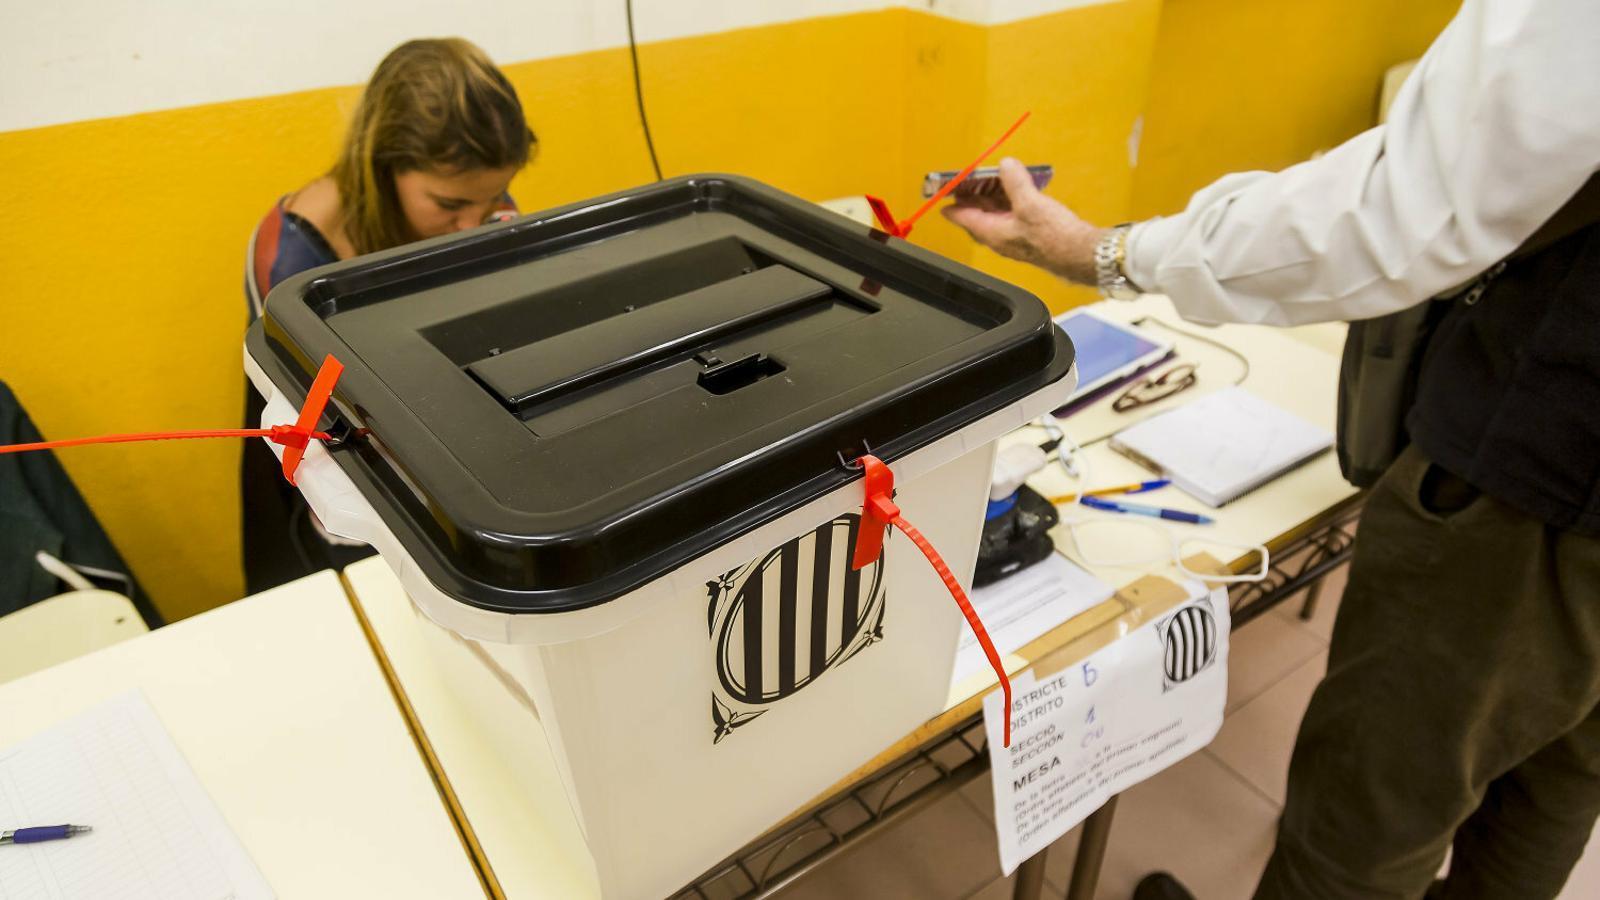 La caixa de solidaritat fa una crida a assolir els 700.000 euros necessaris per aixecar els embargaments del jutjat 13